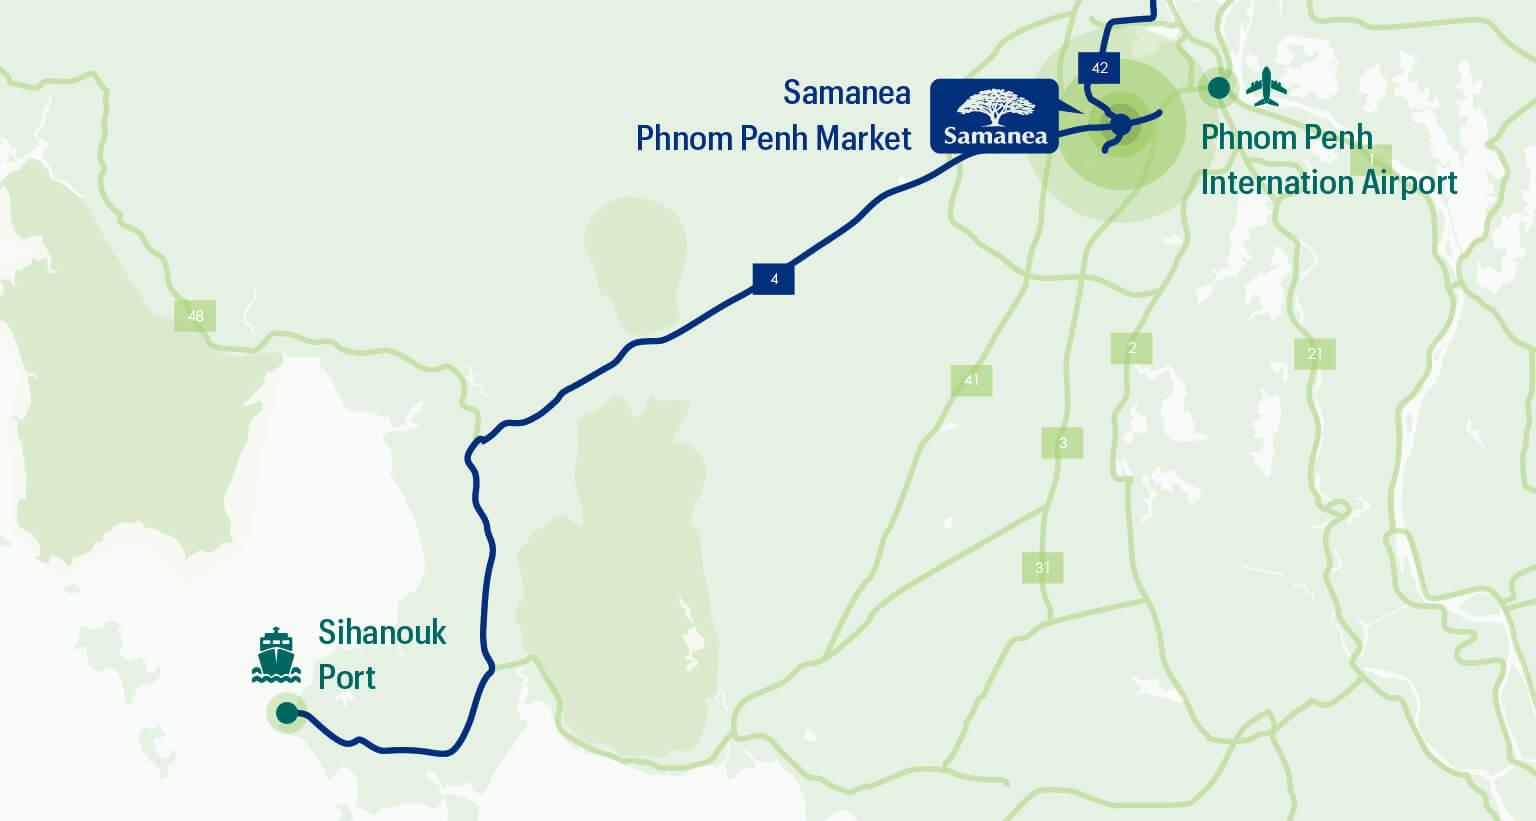 Samanea Phnom Penh Market Map